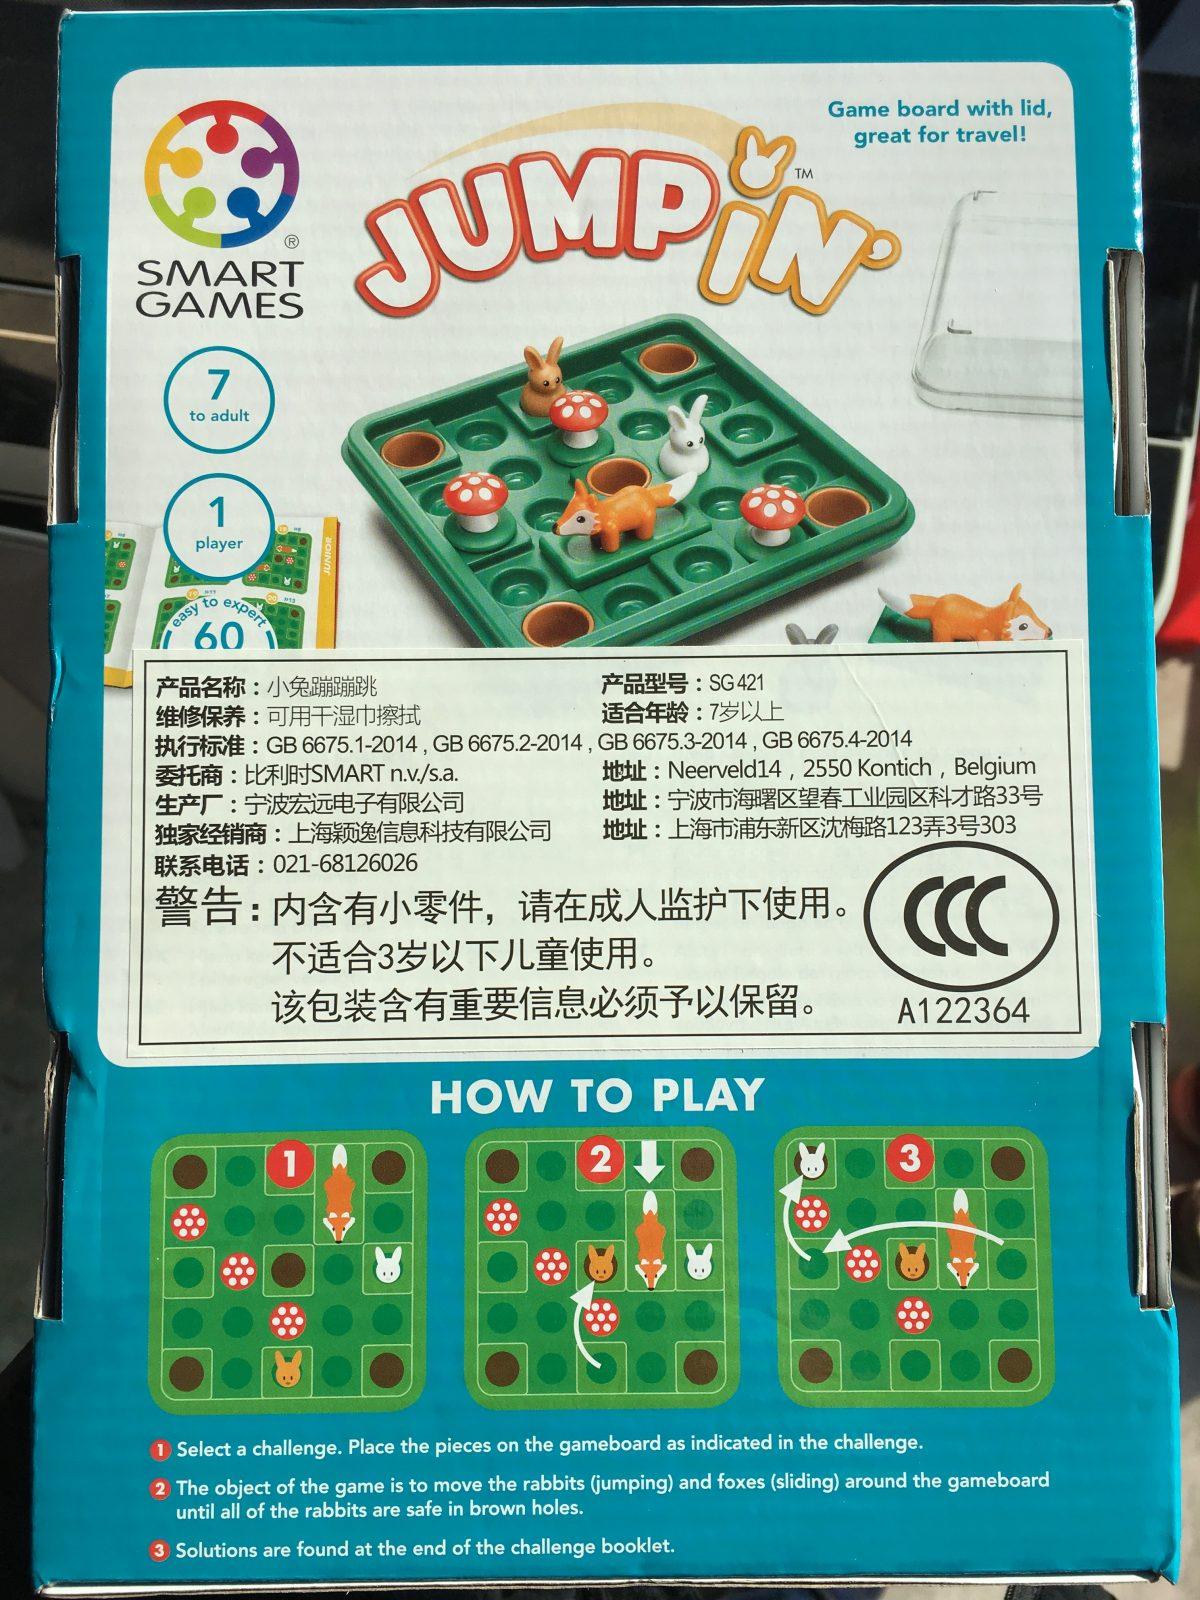 SmartGames 玩具小兔蹦蹦跳包装